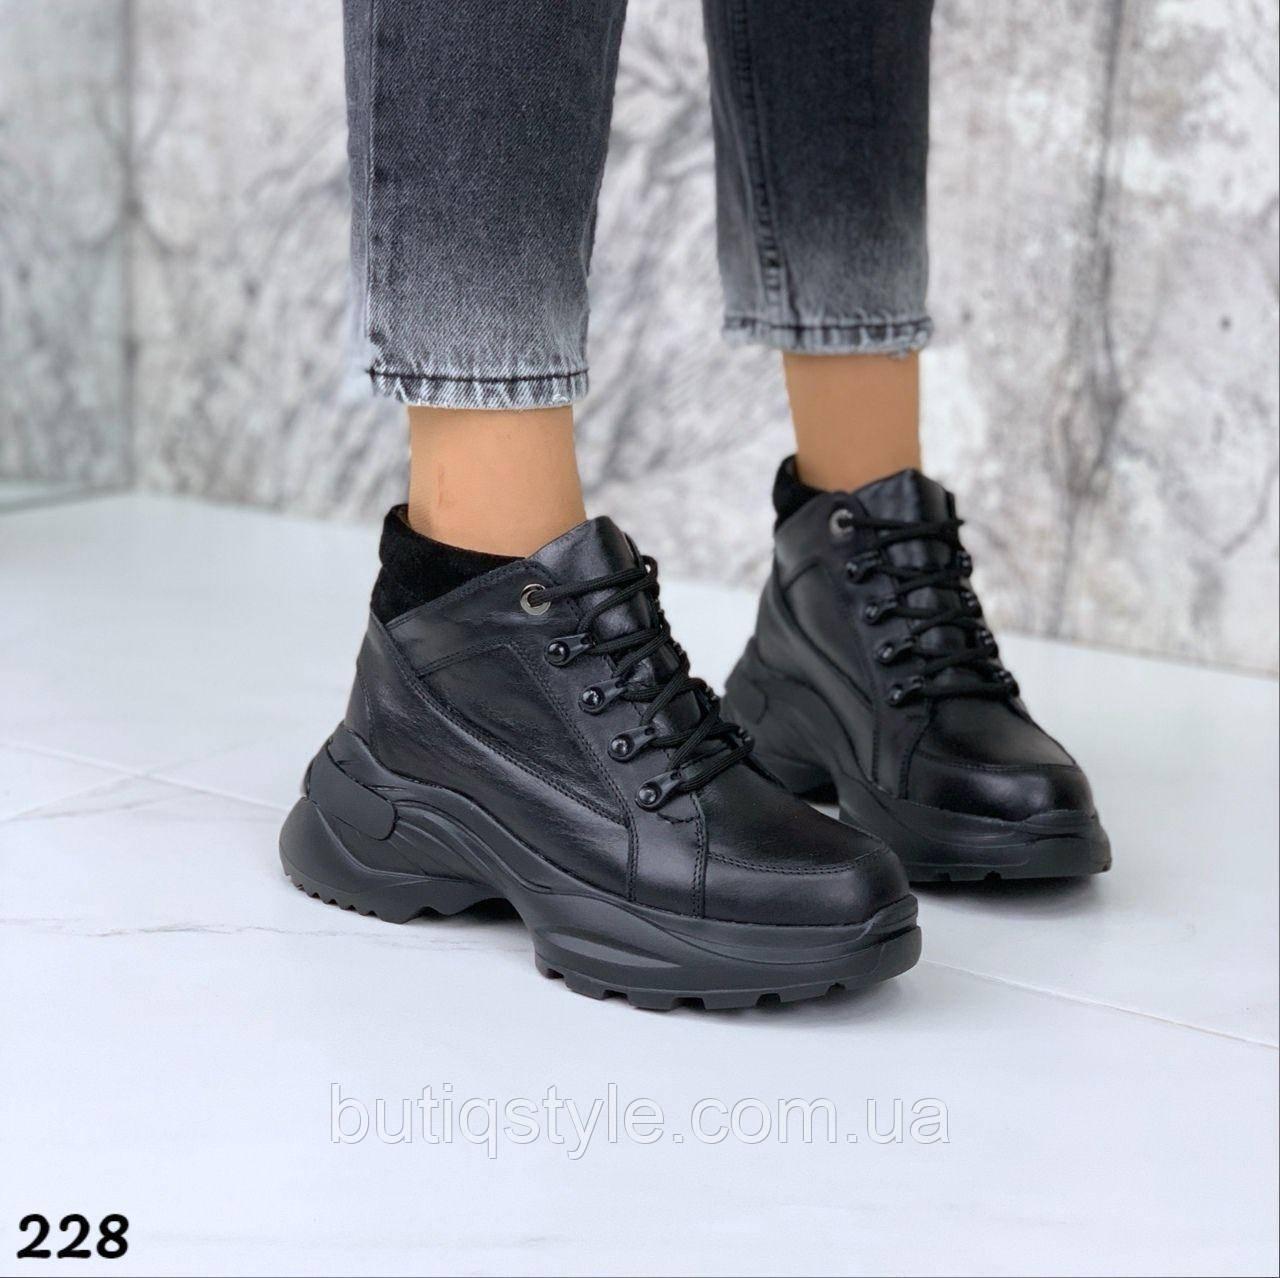 Женские черные кроссовки натуральная кожа + замша на платформе